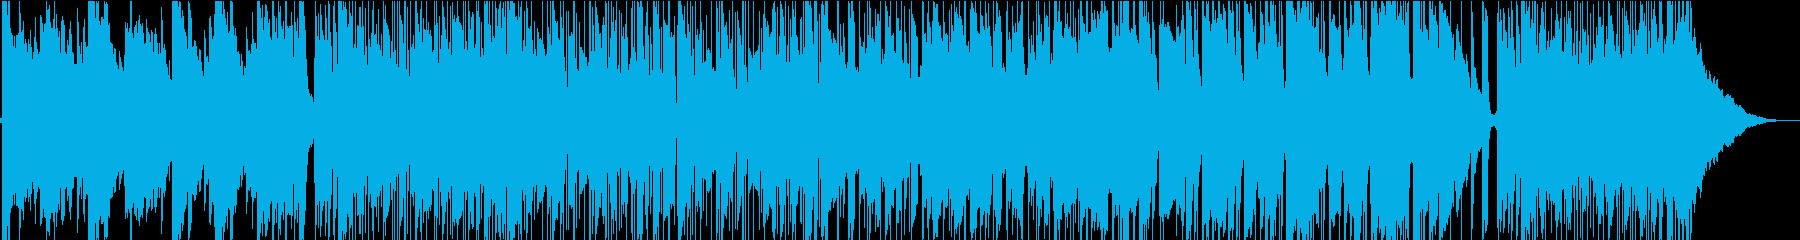 海沿いを感じる生アコギの再生済みの波形